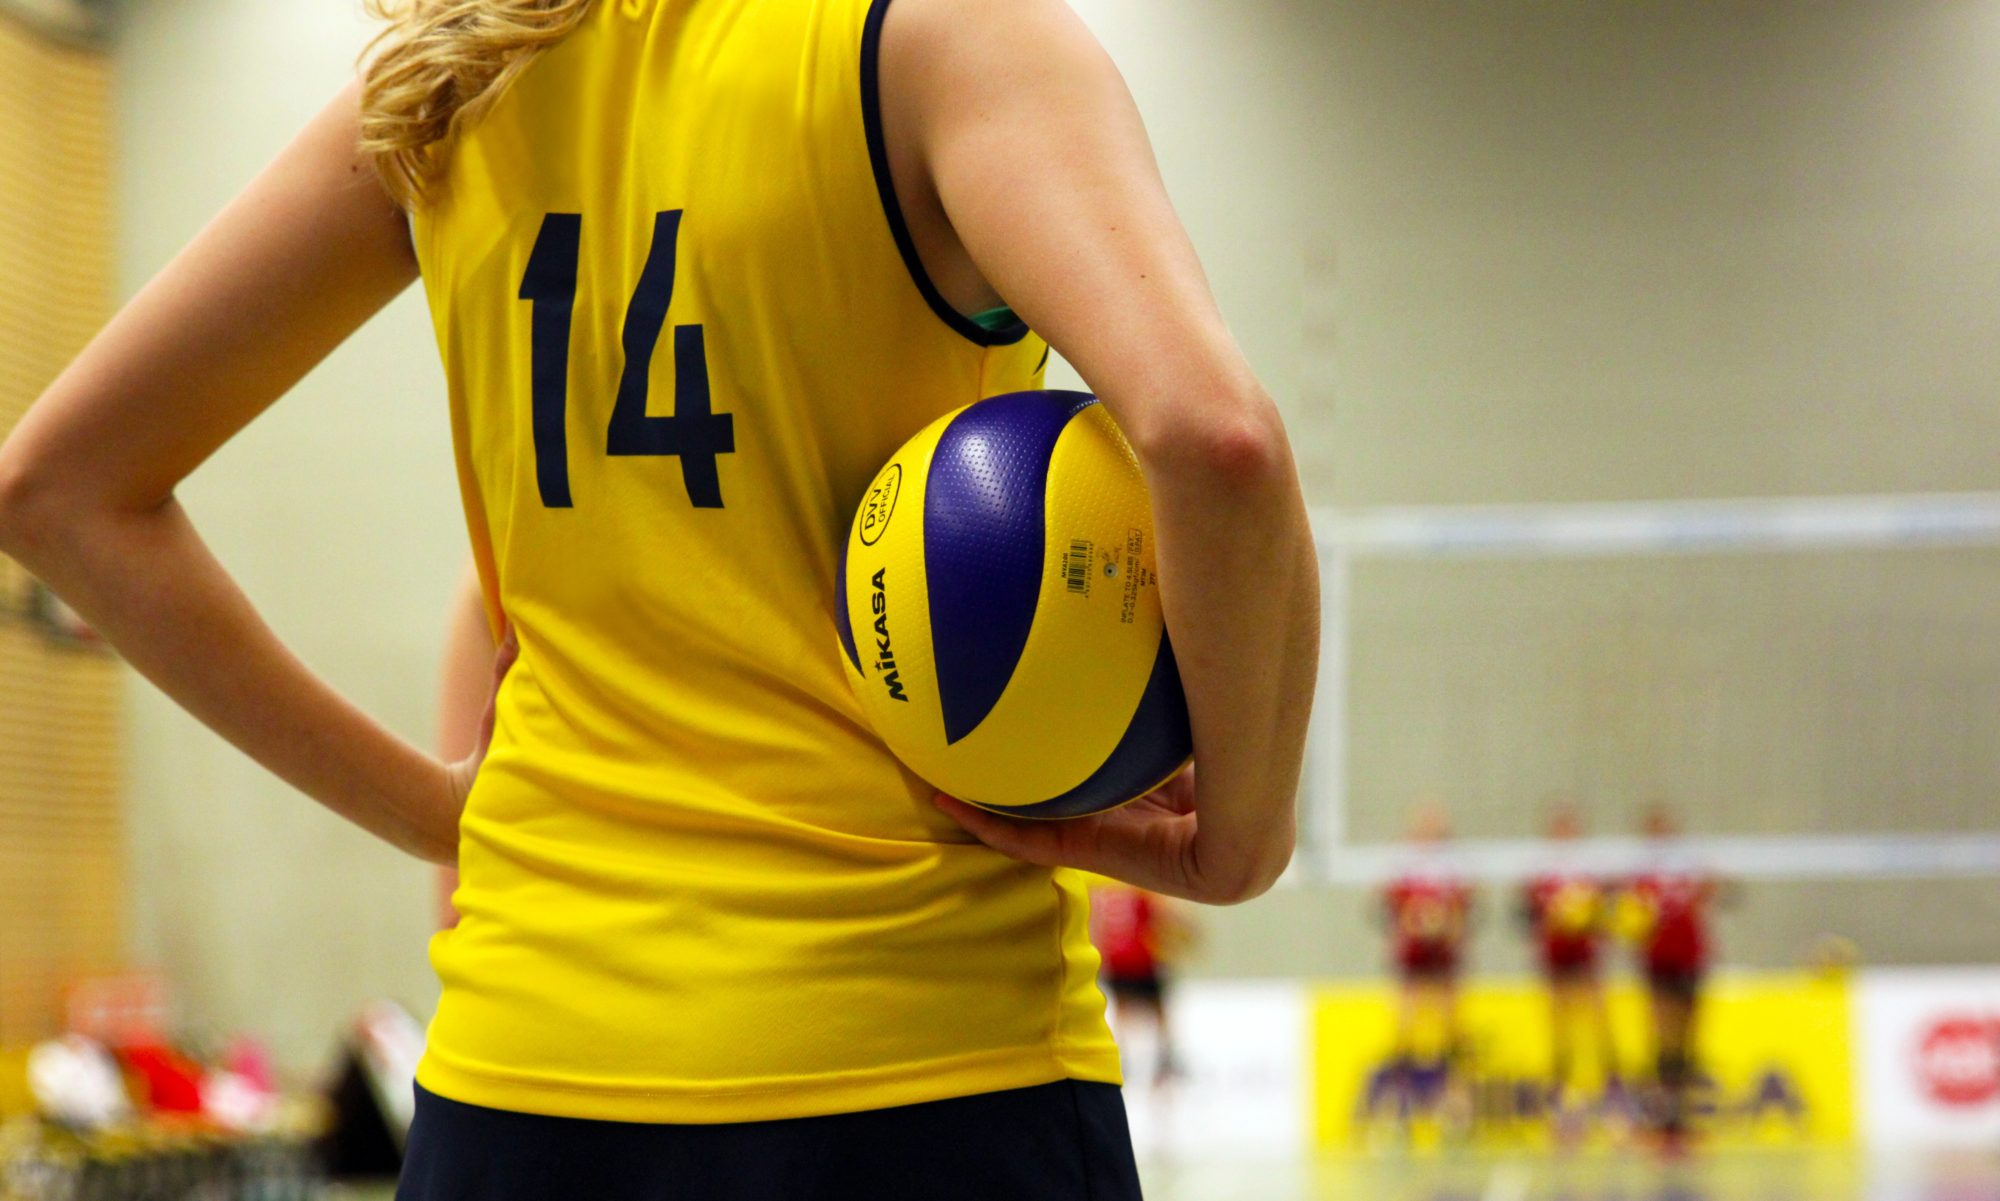 Szkolny Klub Sportowy - Wielkopolska